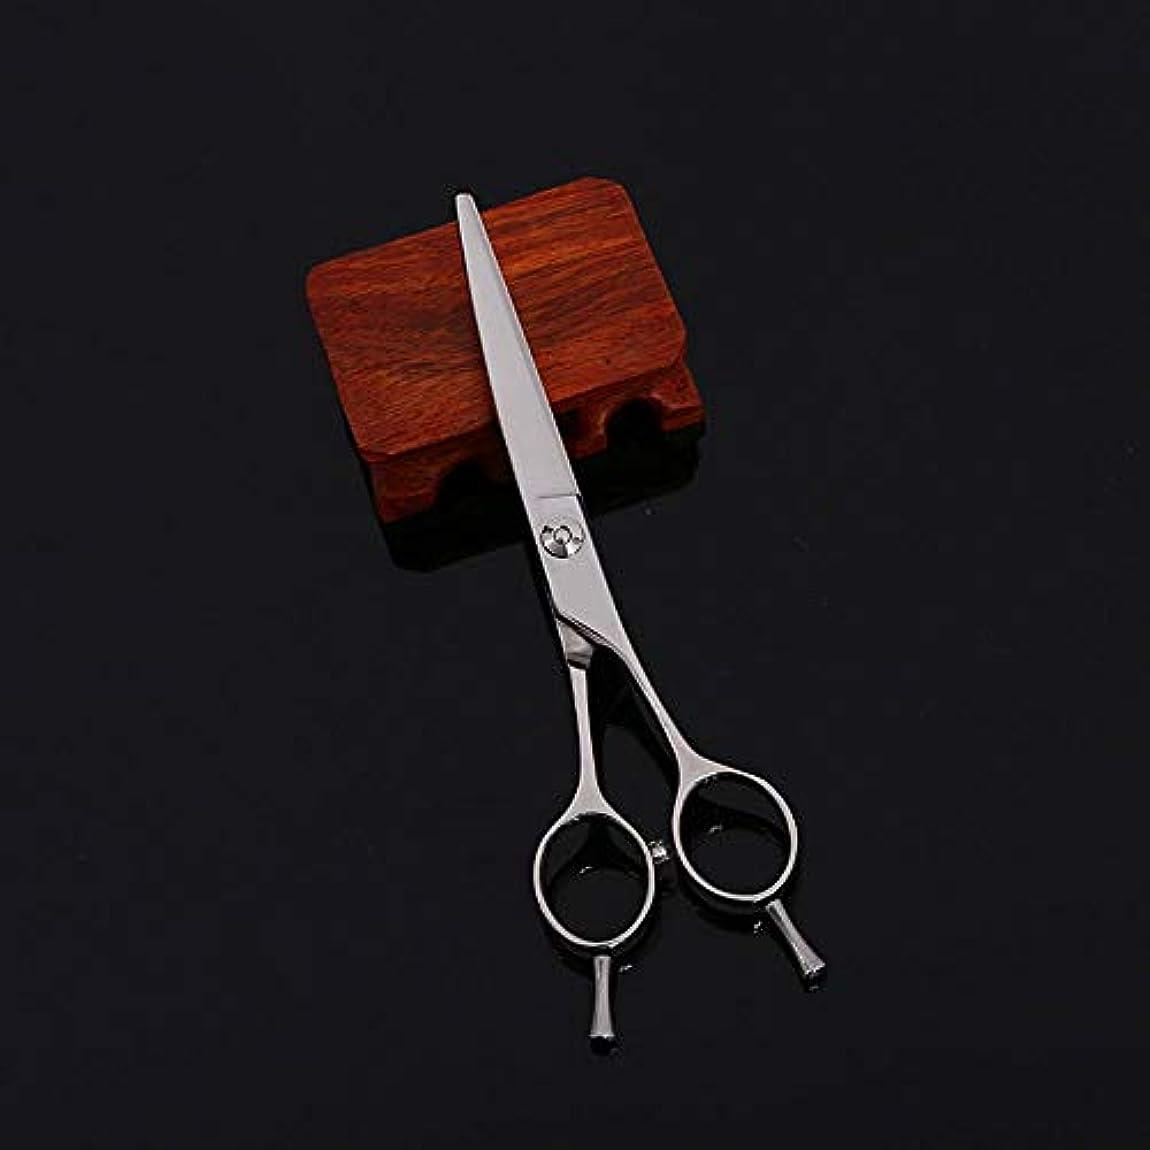 メイドスーダンアソシエイト6インチ美容院プロフェッショナル散髪肘鋏、フラットシアーヘア ヘアケア (色 : Silver)